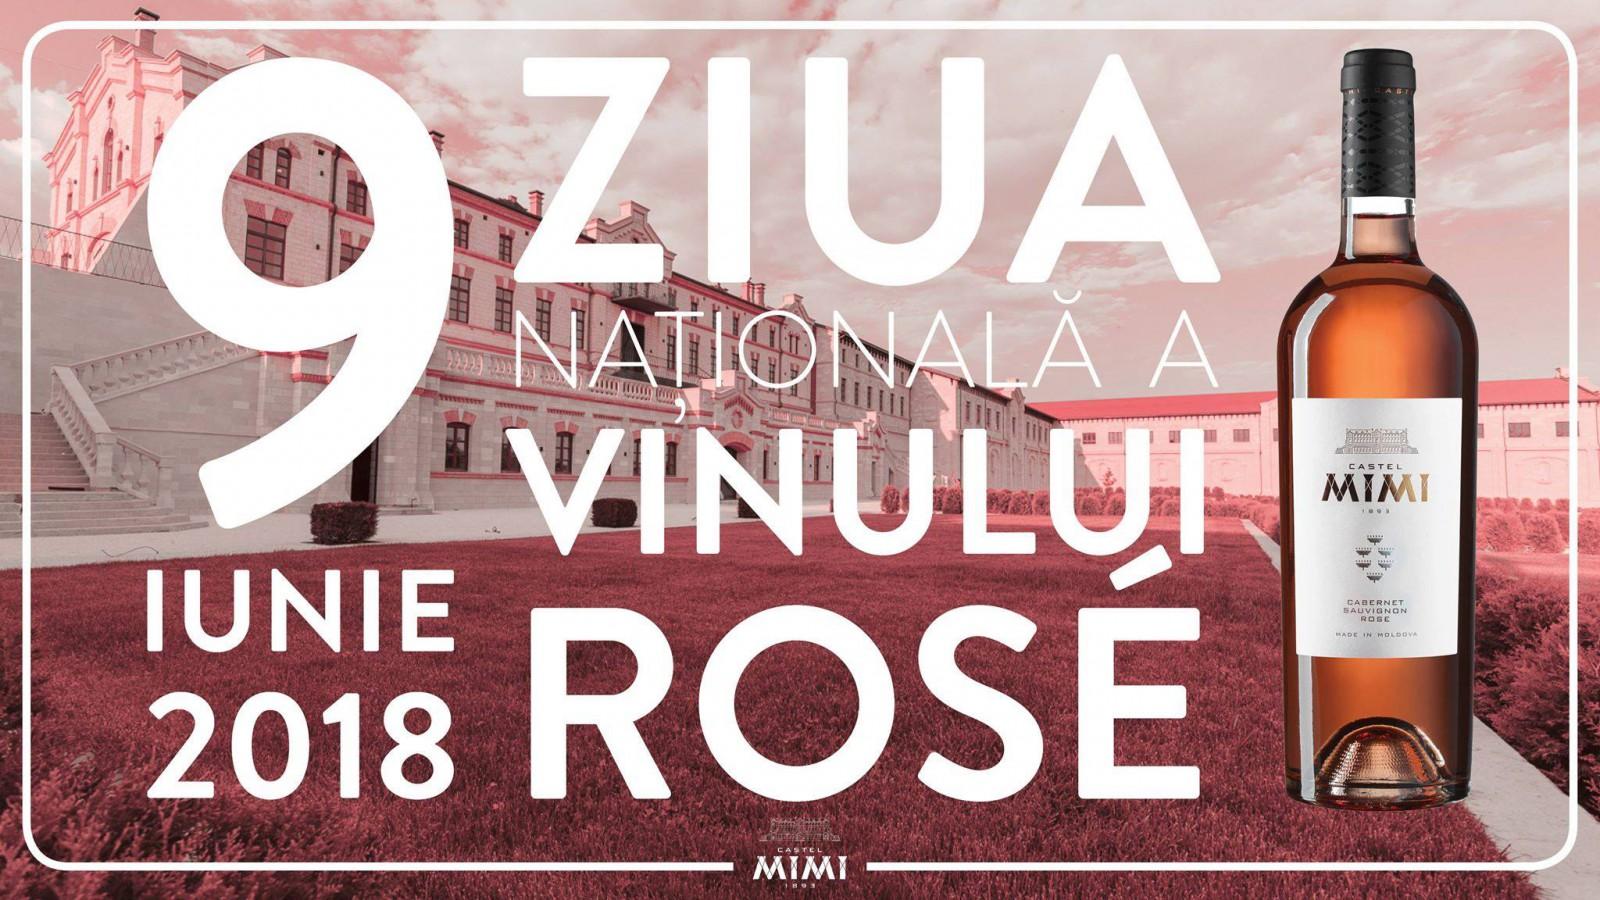 Medalie de Argint pentru Vinul Rosé Castel Mimi, în ajunul Zilei Naționale a Vinului Rosé, de pe 9 iunie 2018